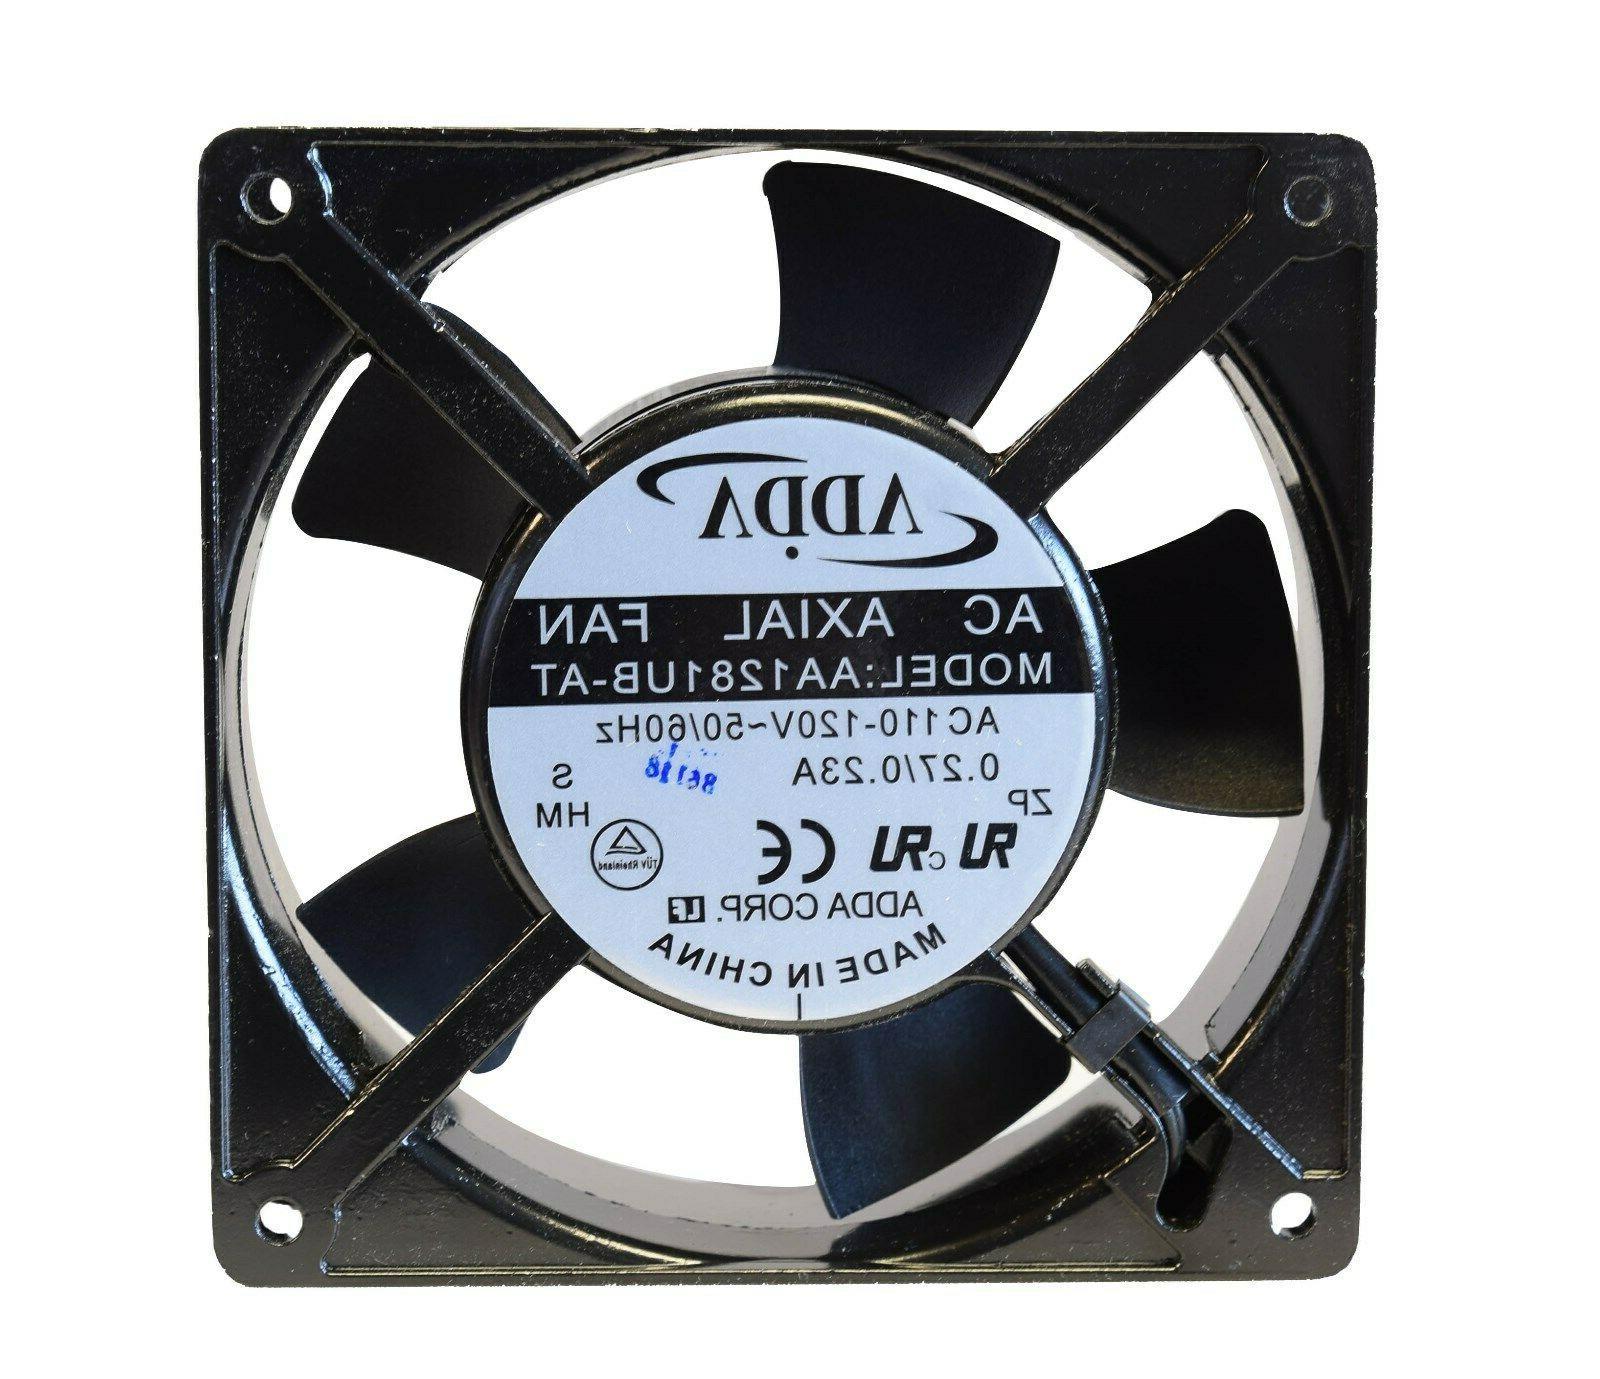 ADDA 4 V Axial AA1281UB-AT